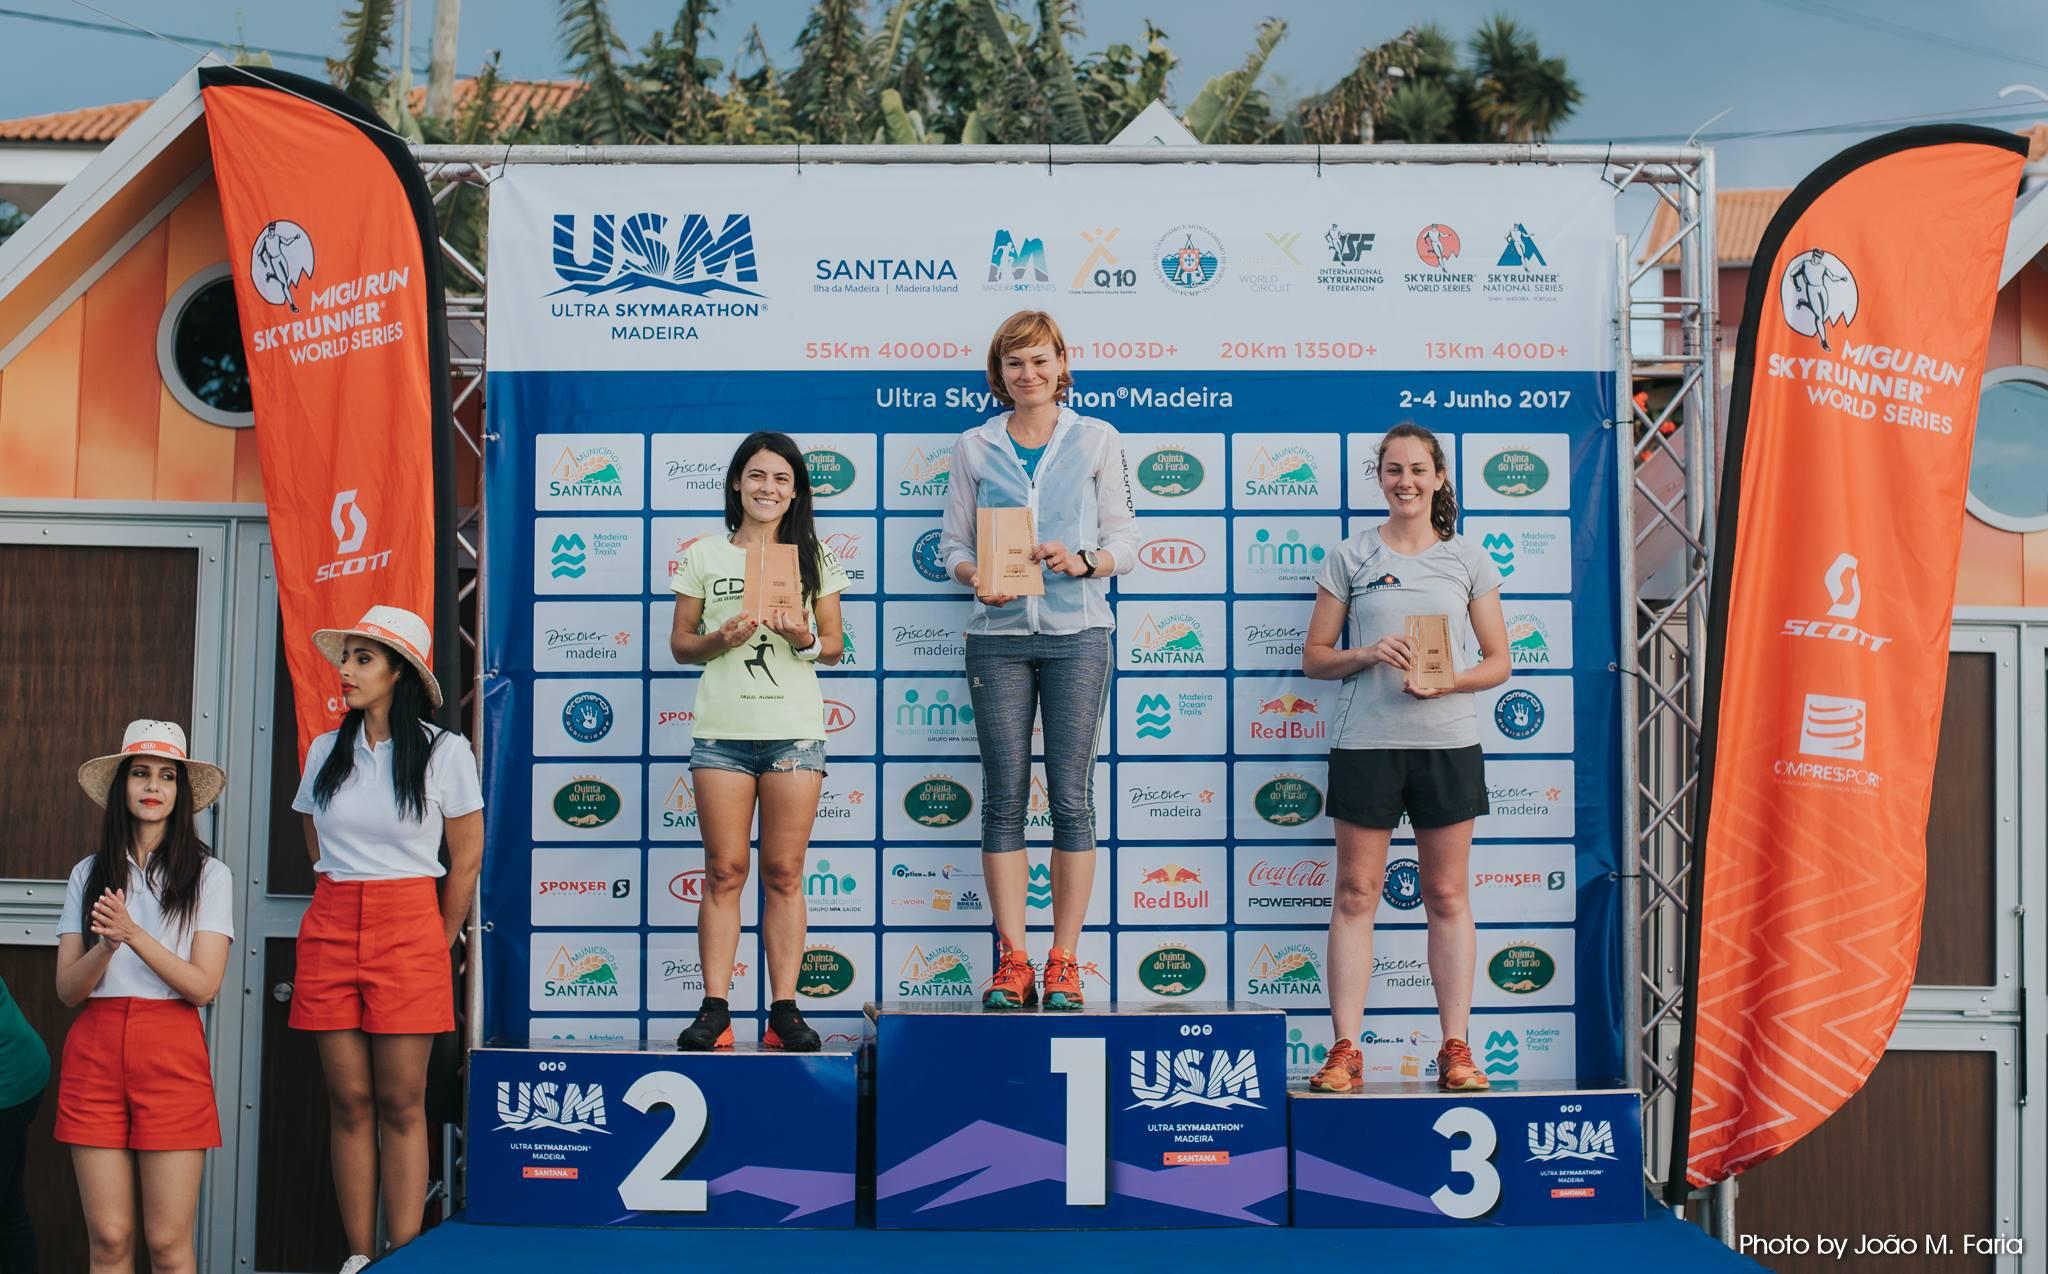 Expresky z hôr 66 - Naša Katka ako víťazka Ultra Skymarathon Madiera, zdroj: Fan page USM